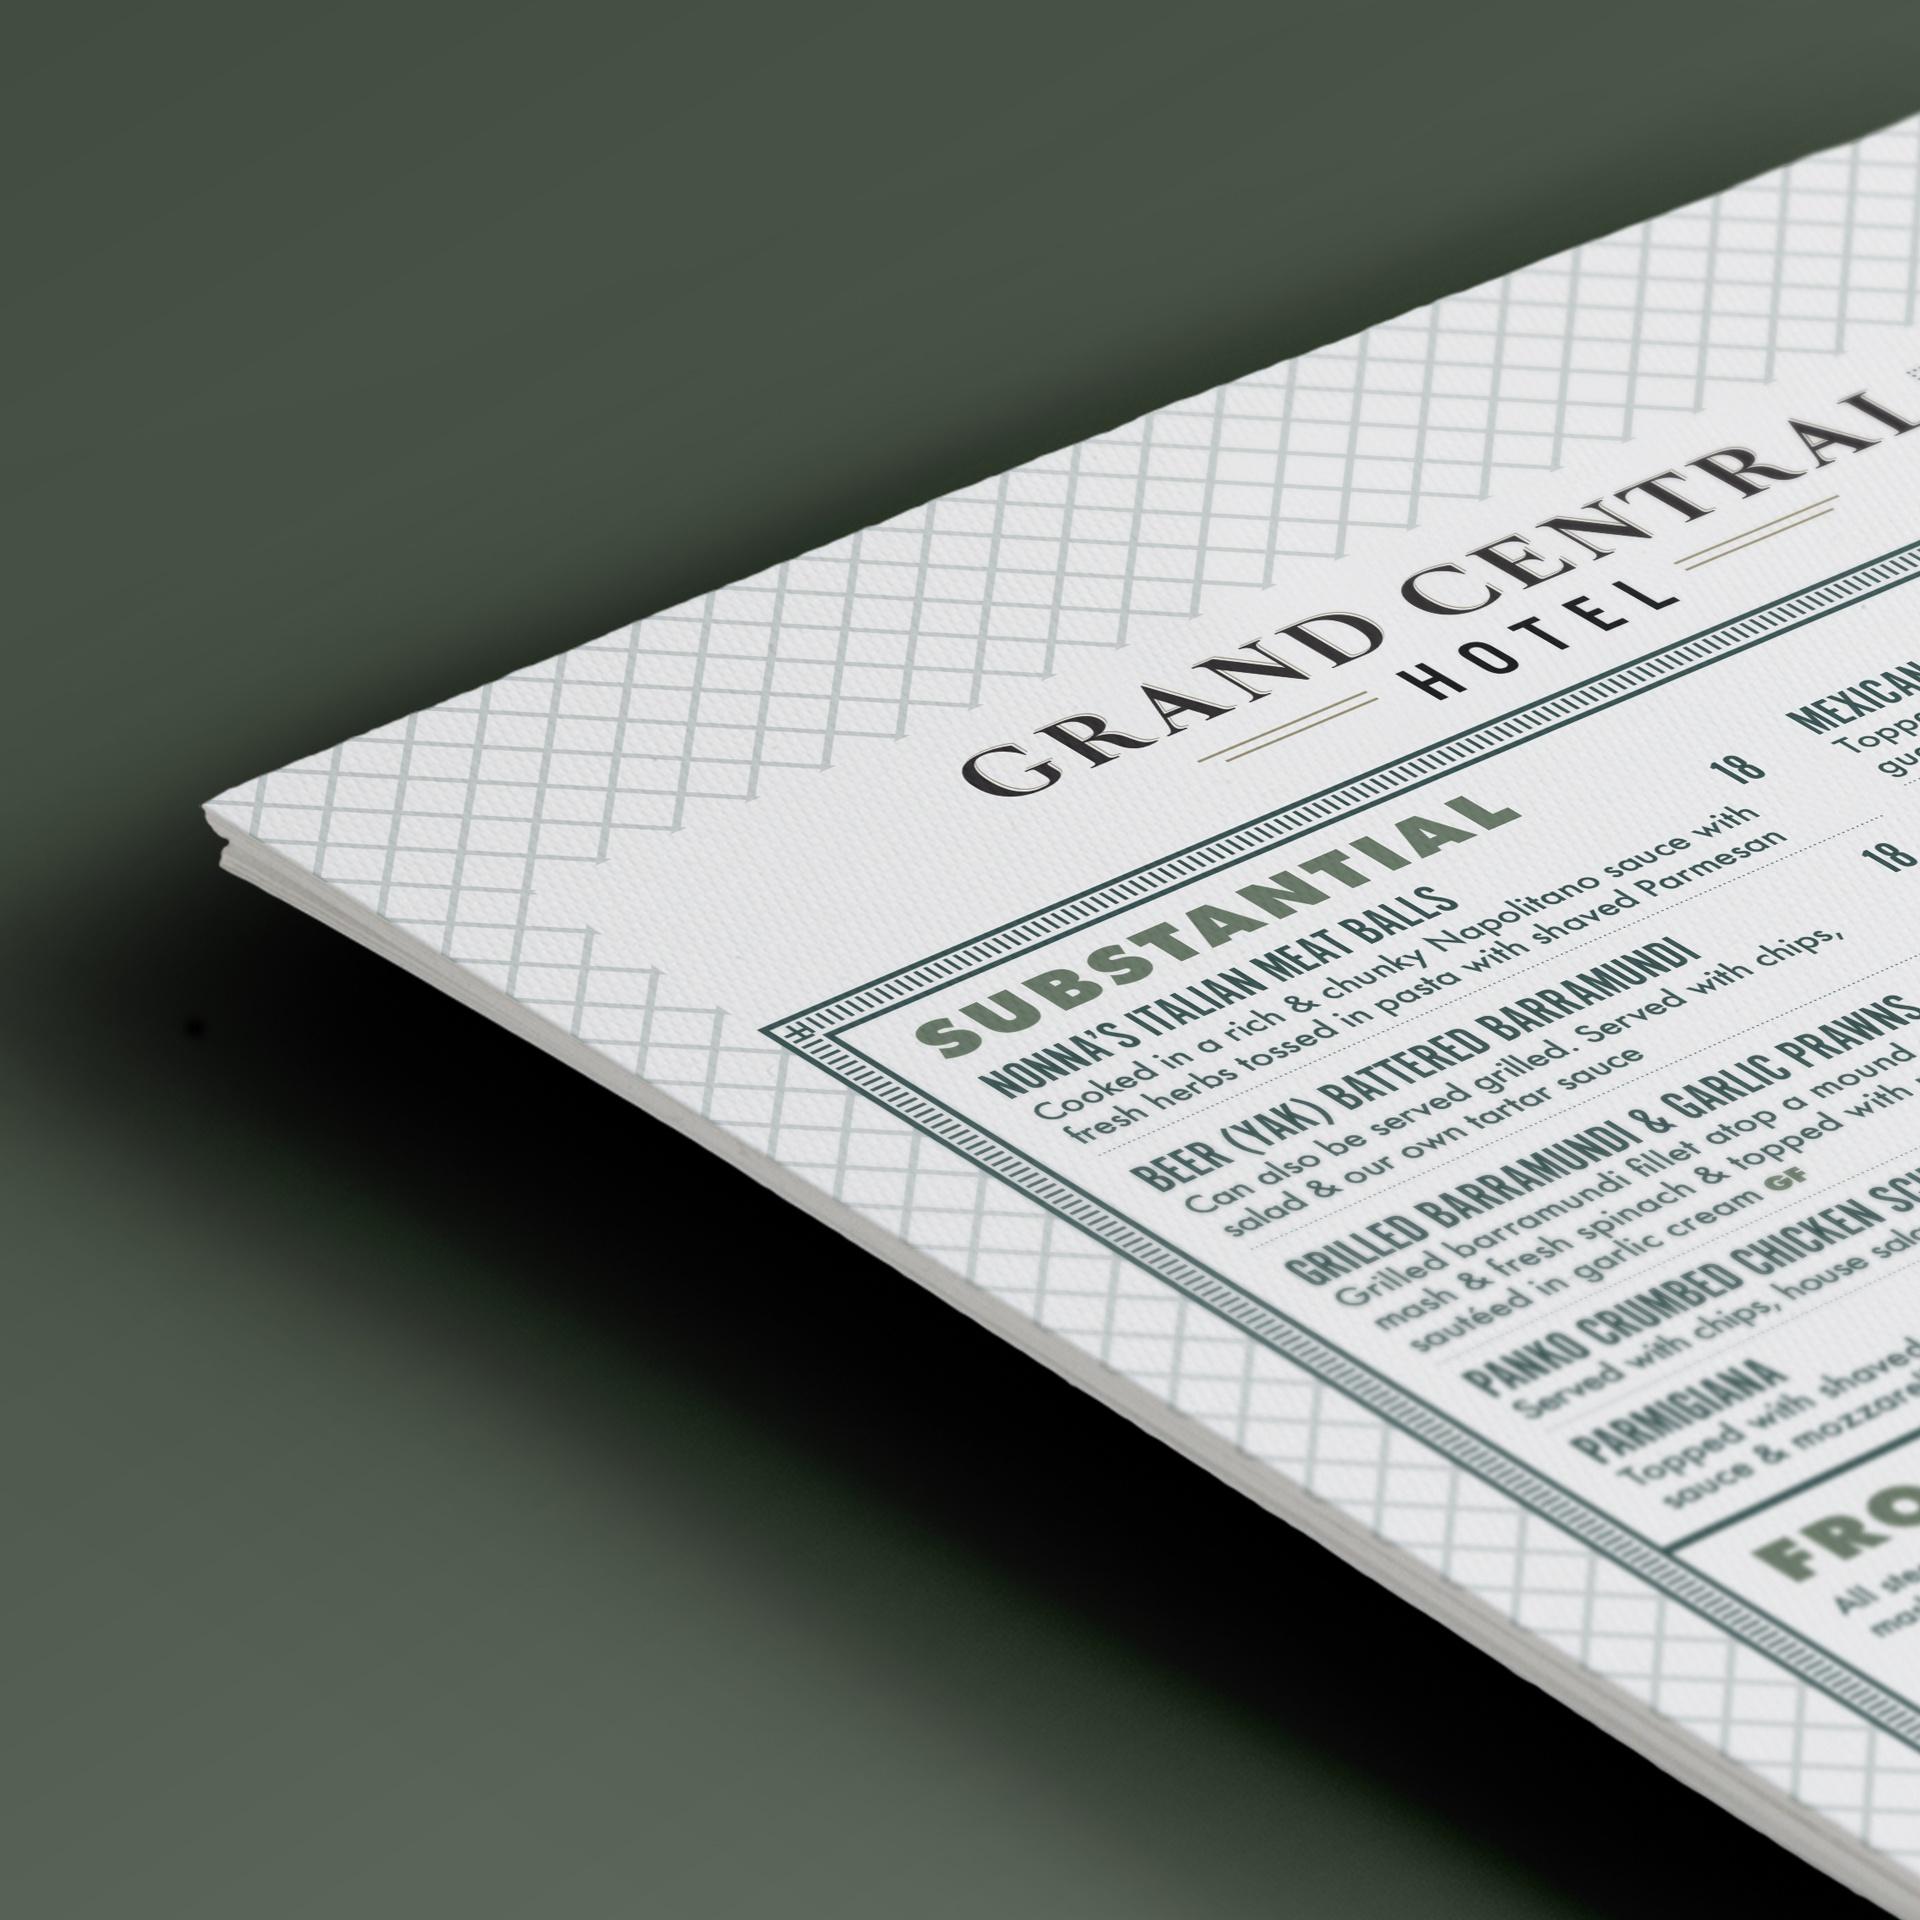 sydney design social grand central hotel brisbane menu design